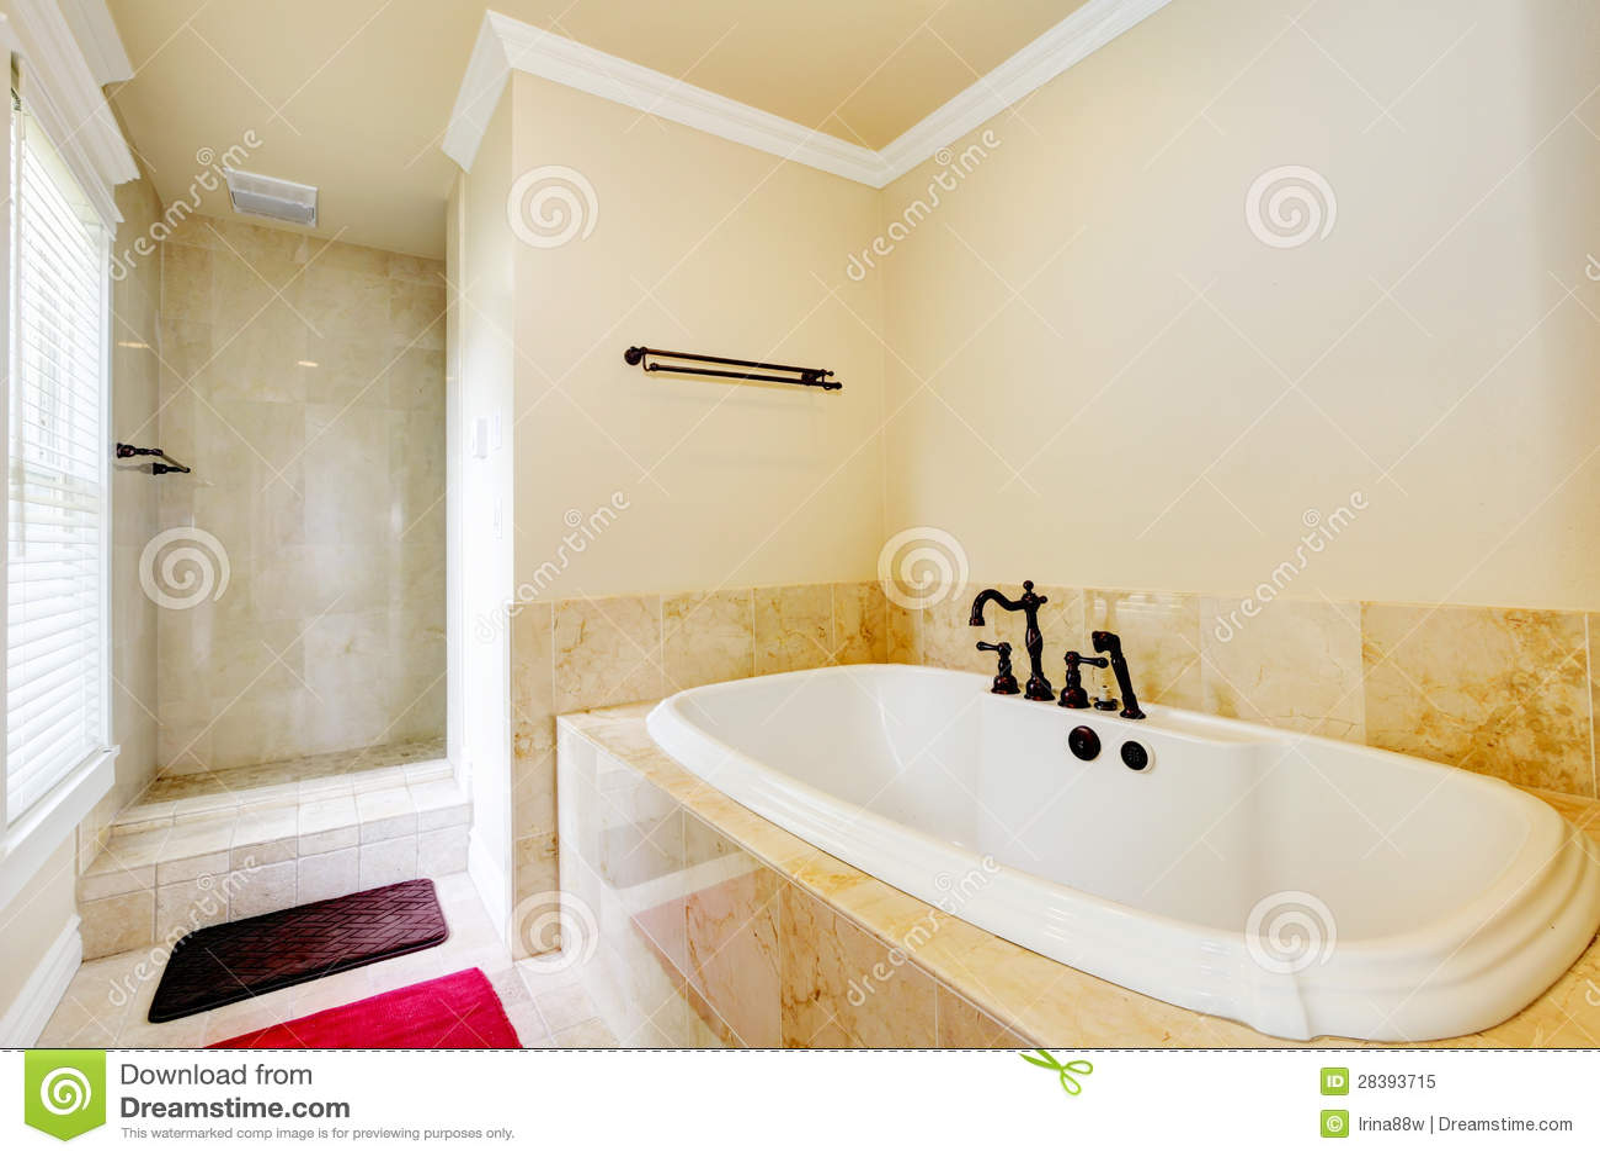 Cuarto de ba o vac o agradable con la tina y la ducha - Cuartos de bano grandes ...